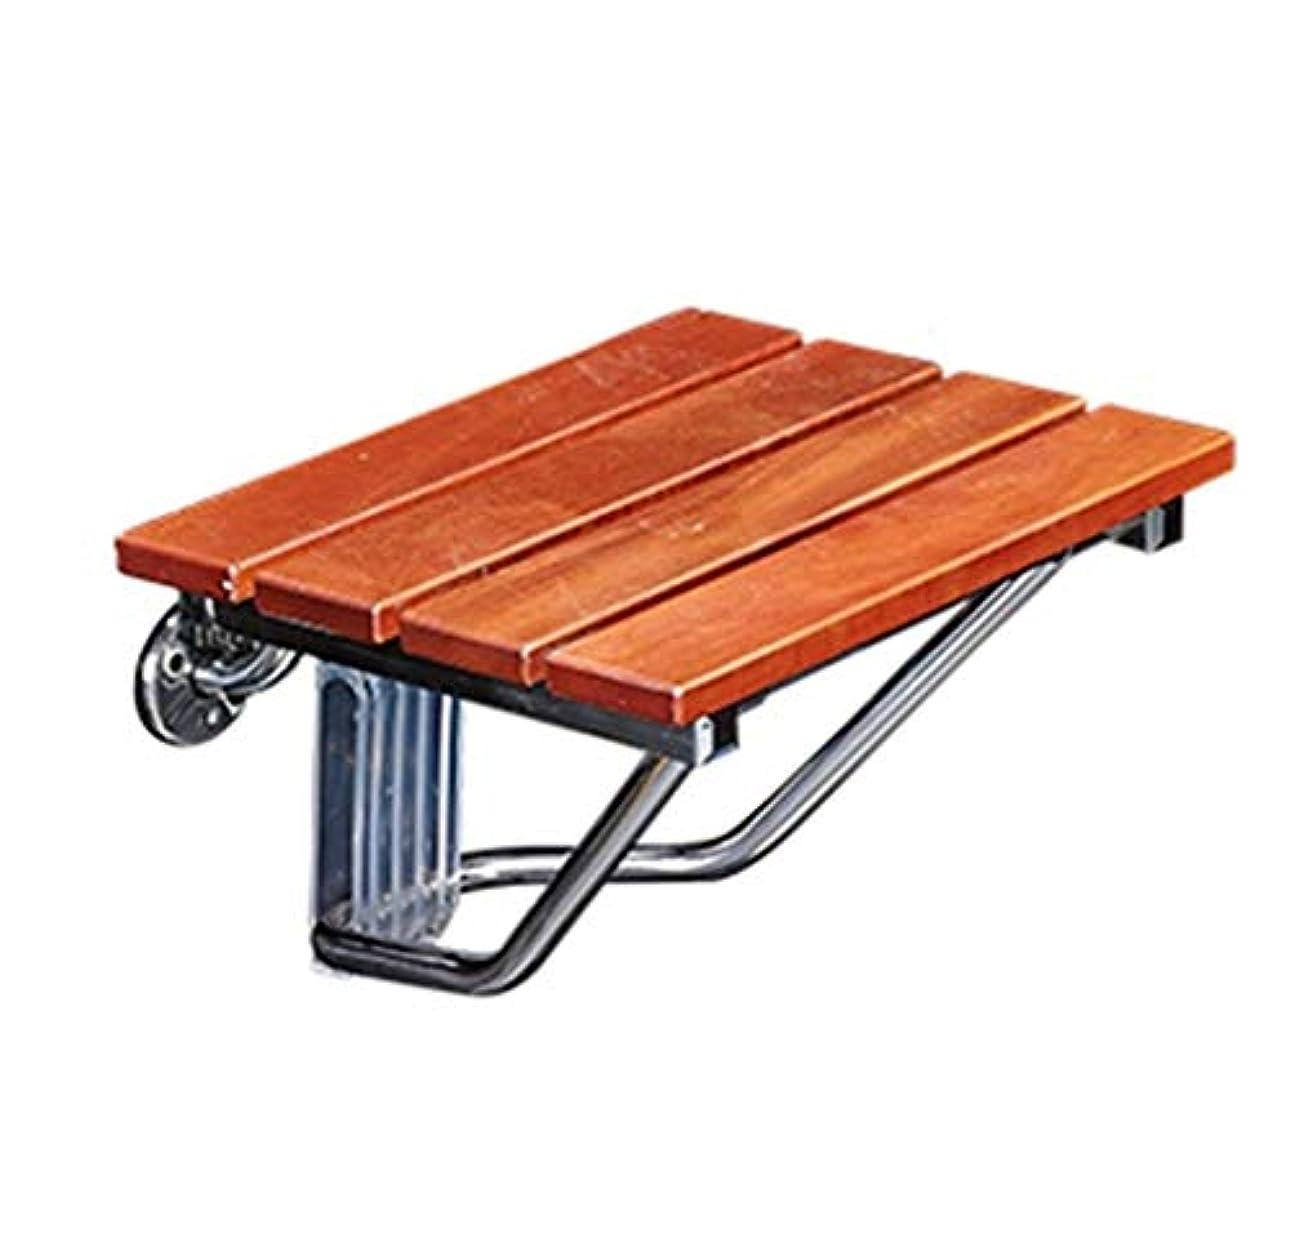 祝福する相対性理論すばらしいです折り畳み式の壁のシャワーの腰掛け、壁に取り付けられた木製の折りたたみ式のシャワーの座席木製の変更は高齢者/身体障害者のスリップ防止シャワーの椅子のために腰掛け